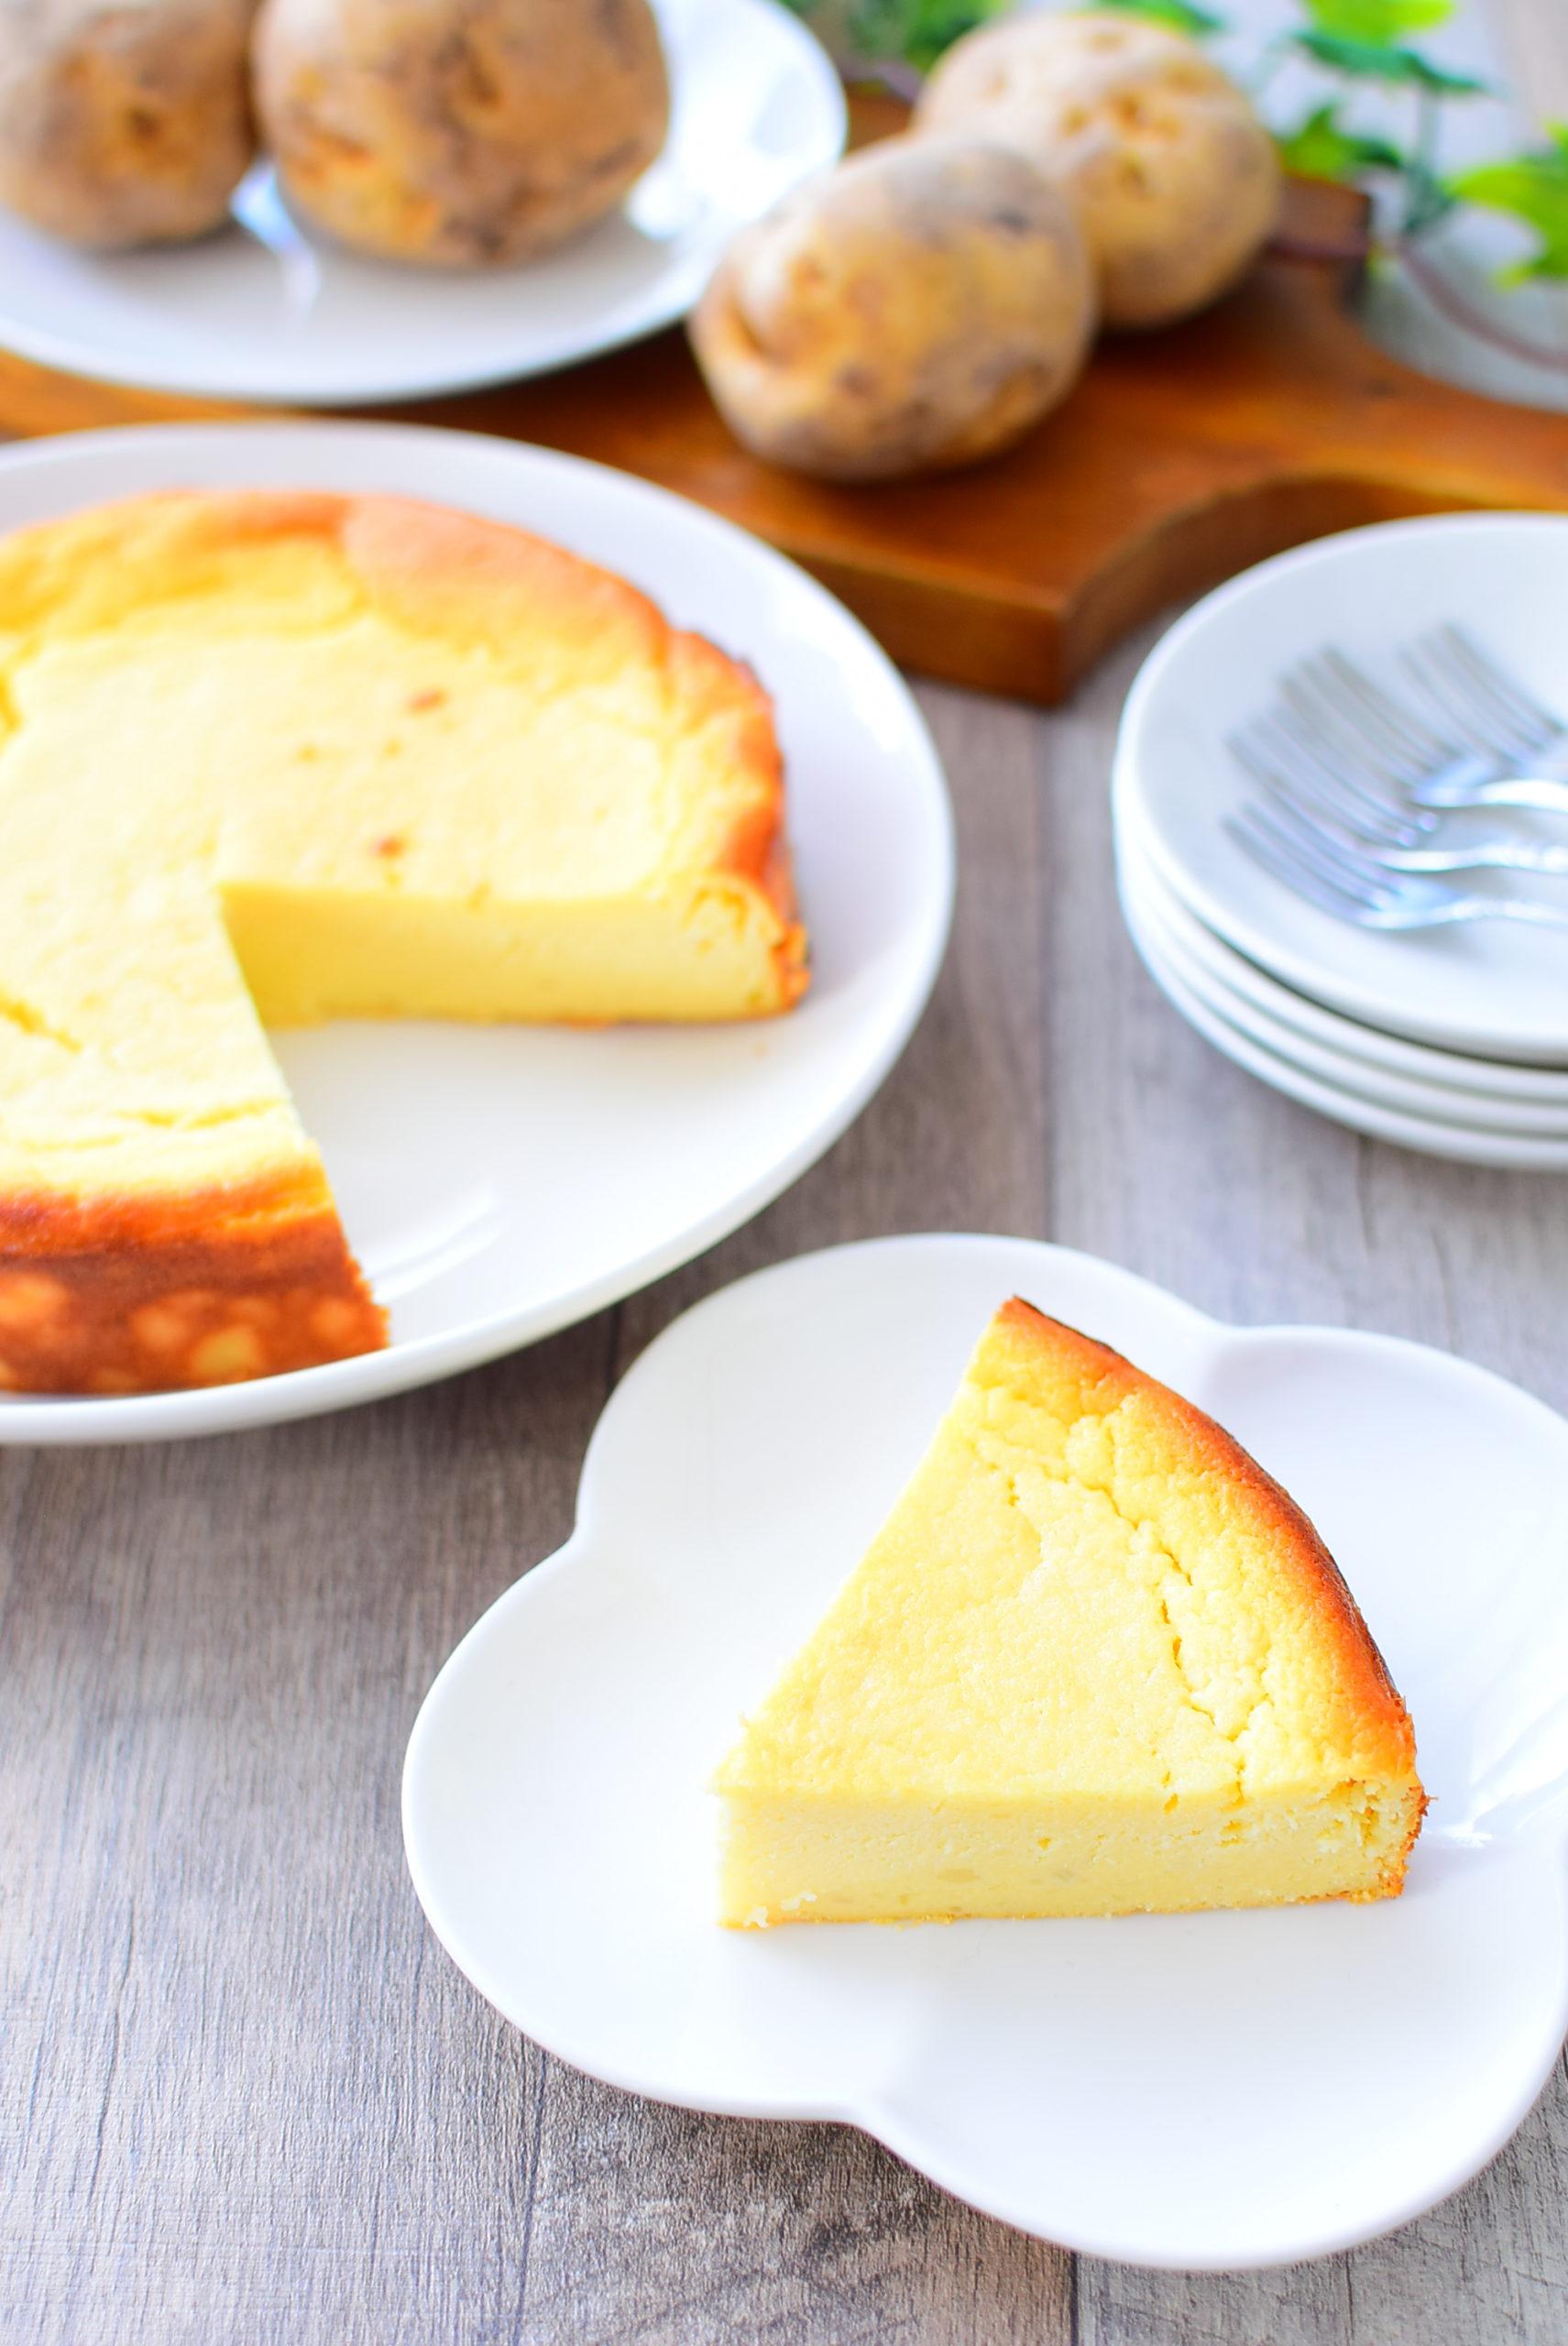 砂糖不使用!メープルシロップ入りじゃがいもチーズケーキのレシピの写真